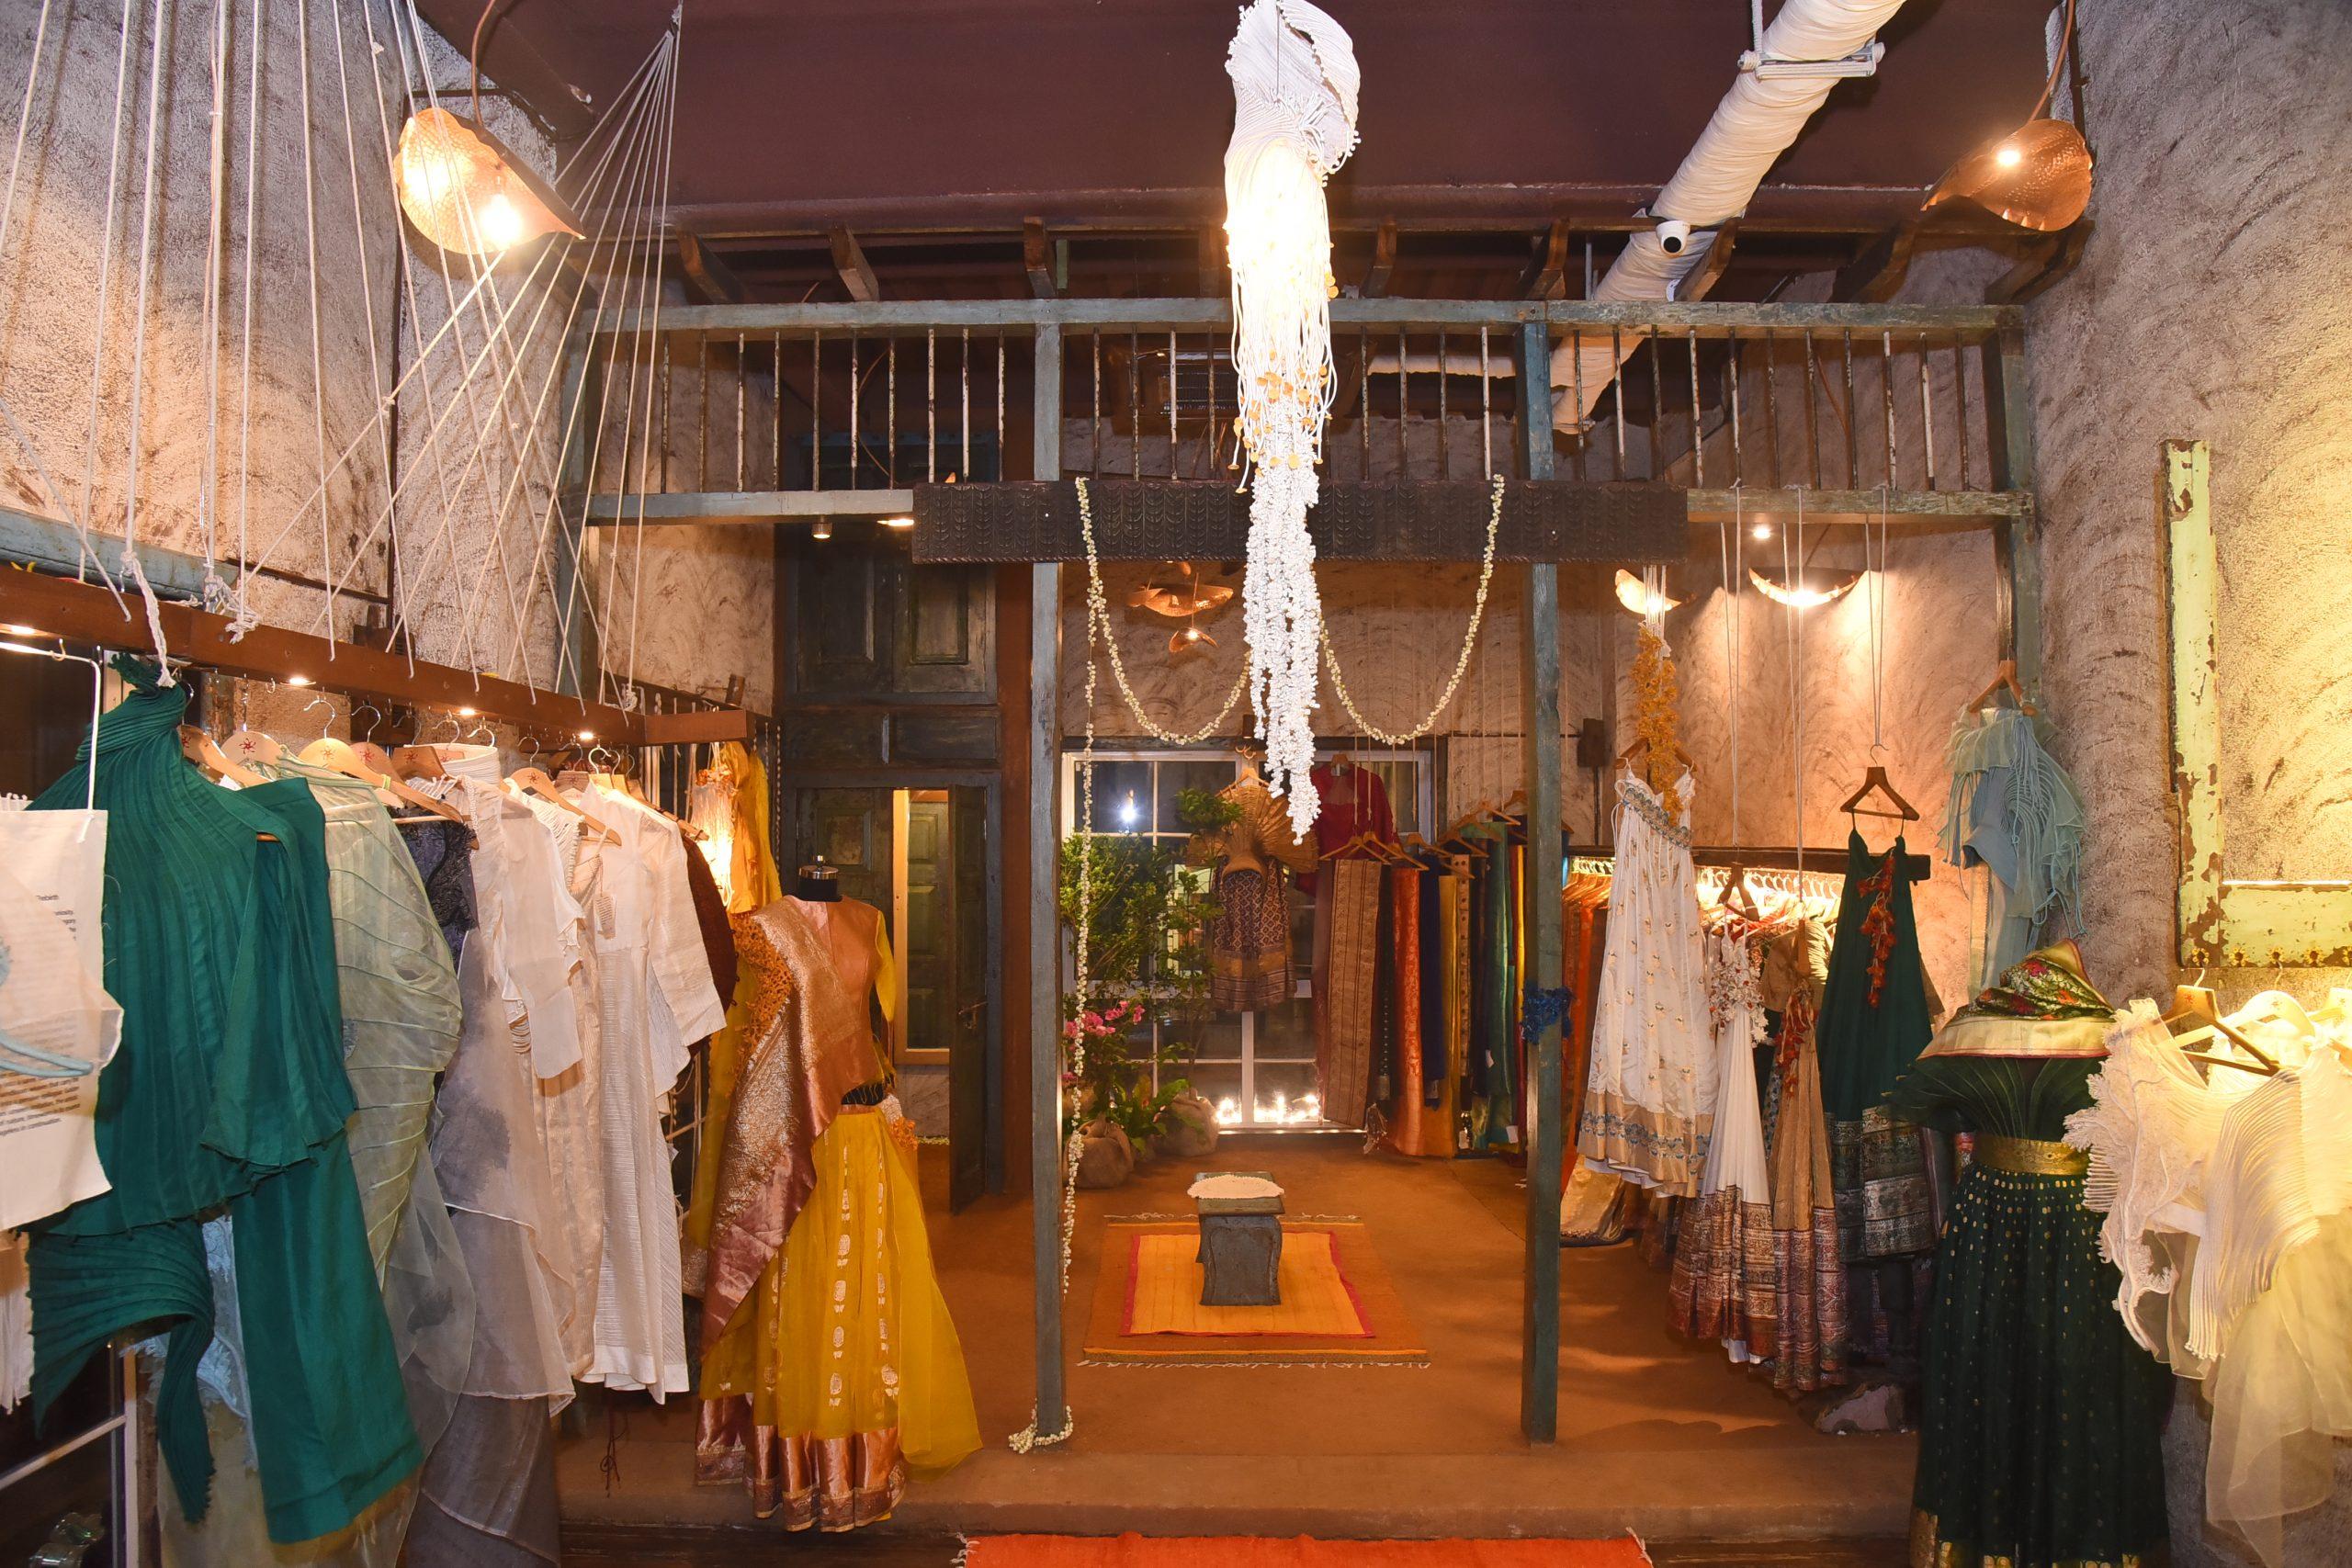 Vaishali S store, Kala Ghoda